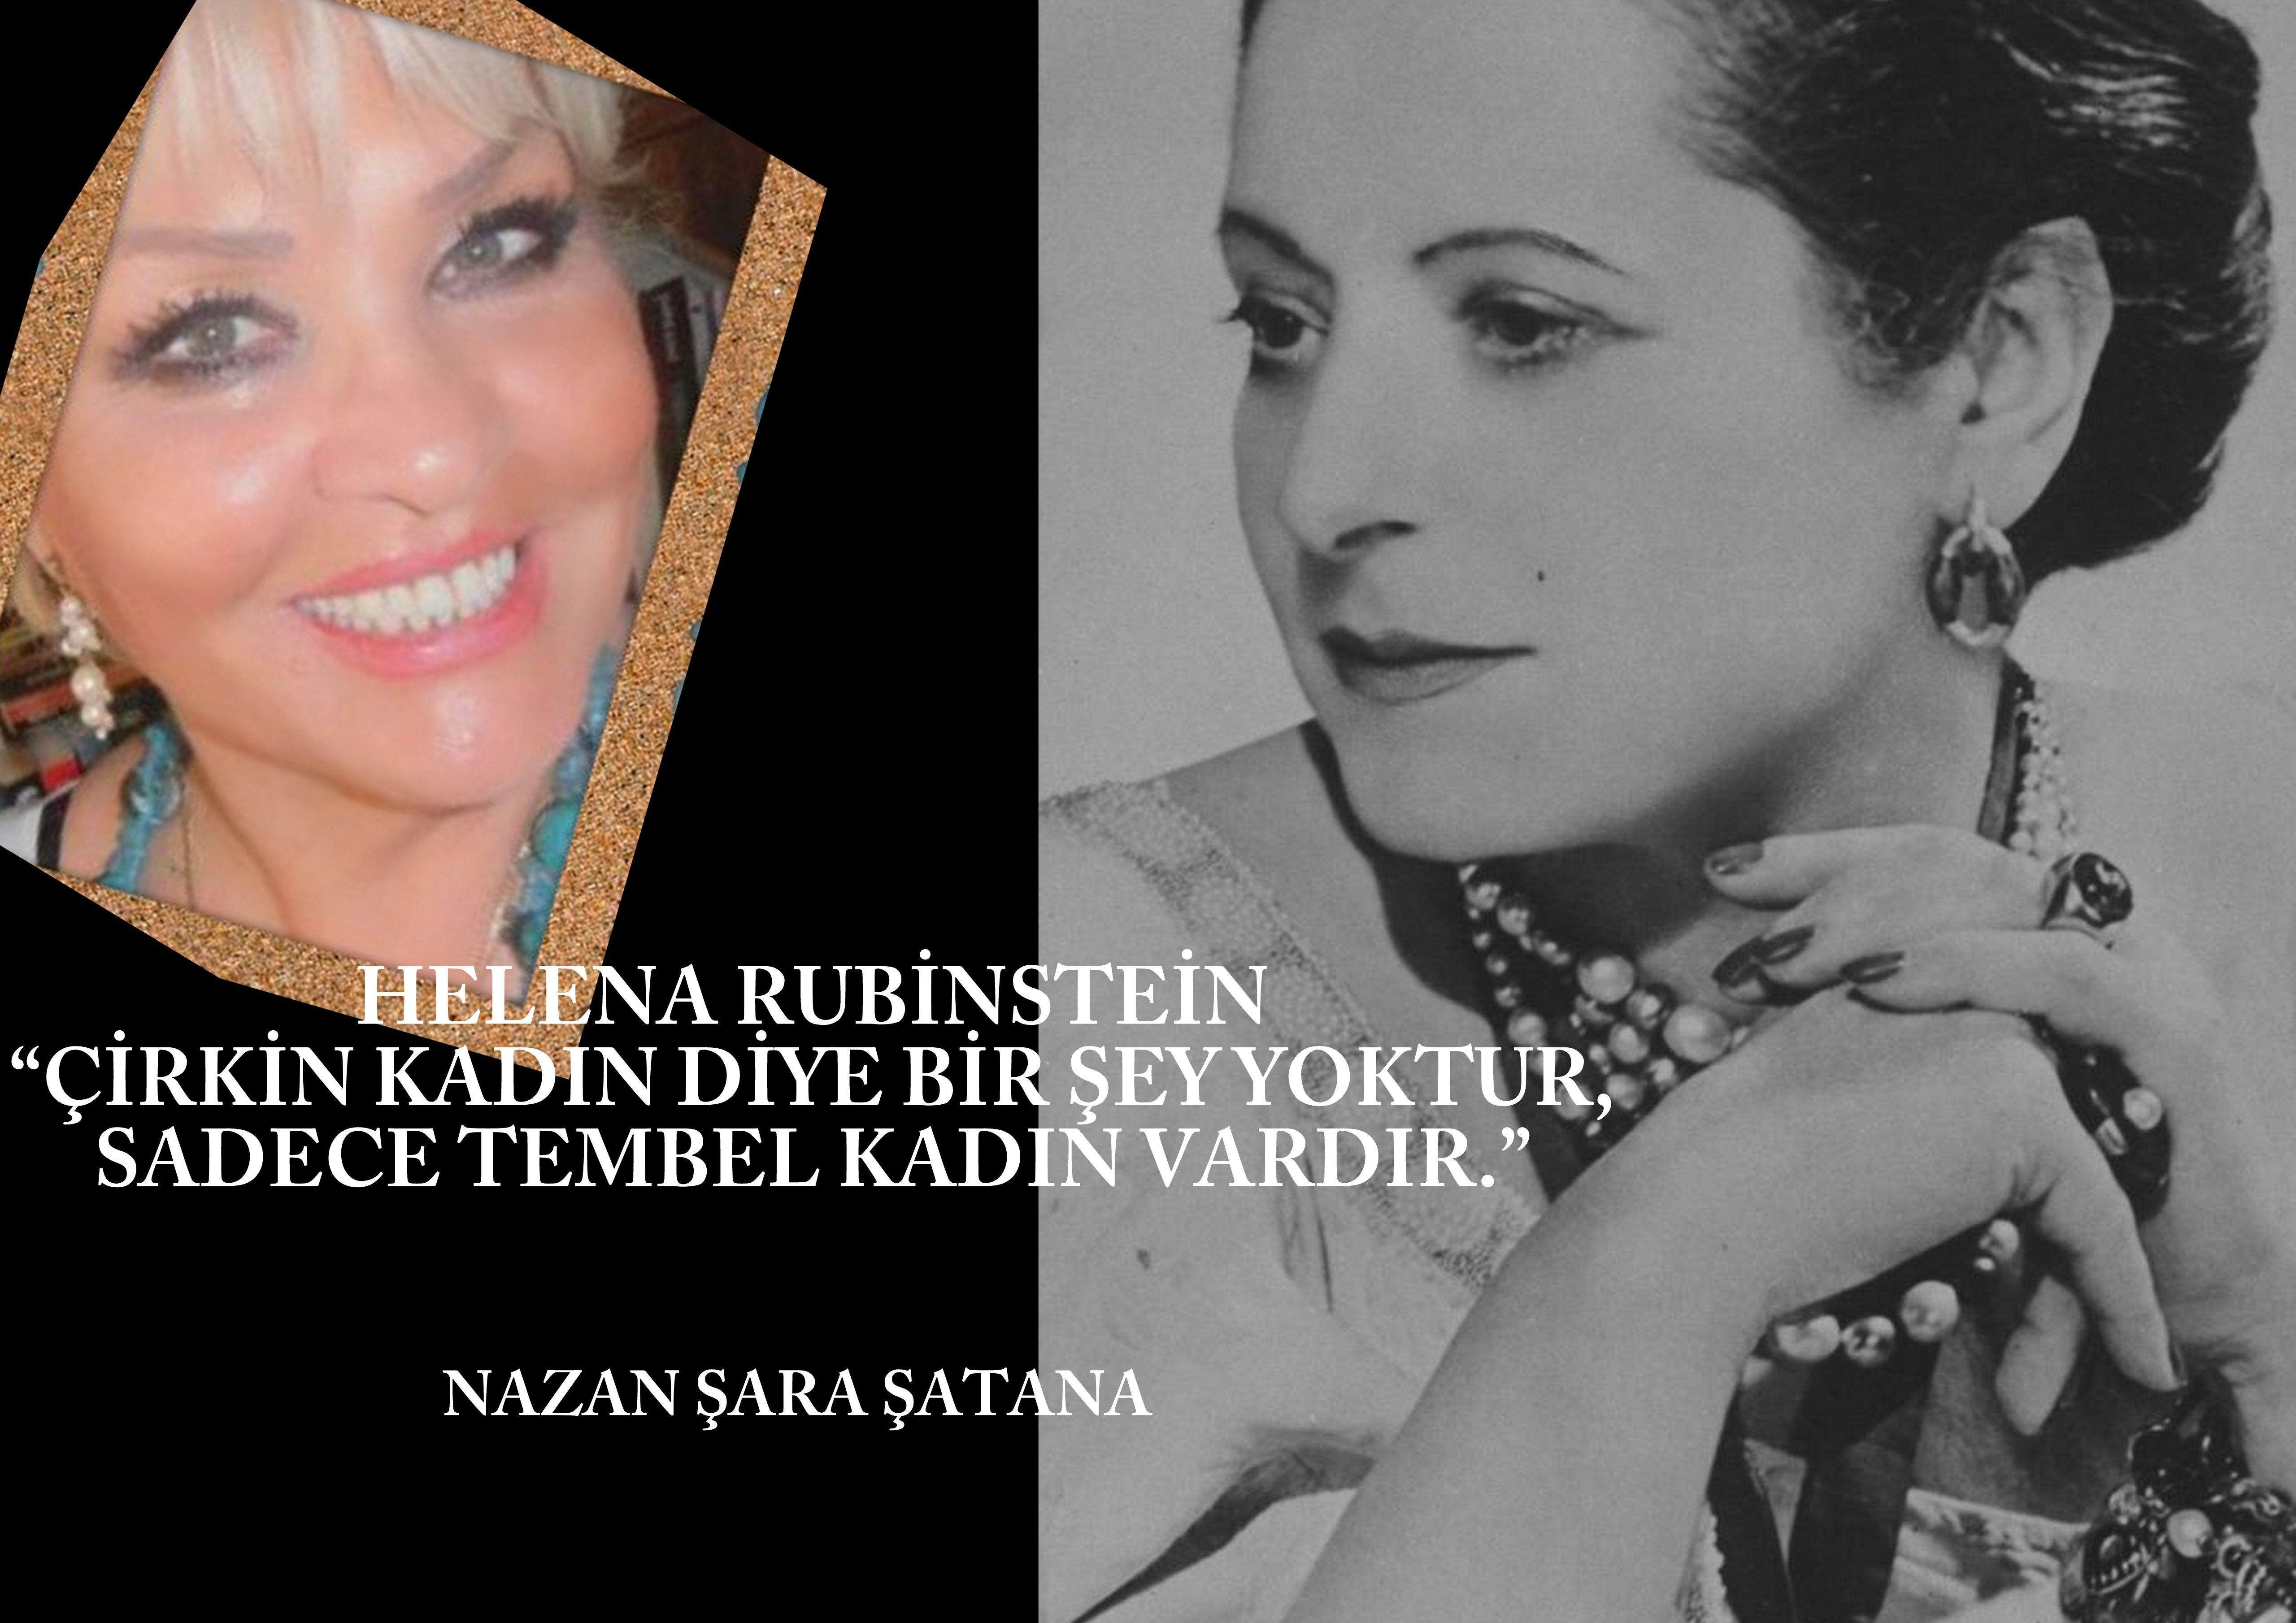 http://blog.milliyet.com.tr/helena-rubinstein--cirkin-kadin-diye-bir-sey-yoktur--sadece-tembel-kadin-vardir-/Blog/?BlogNo=488136